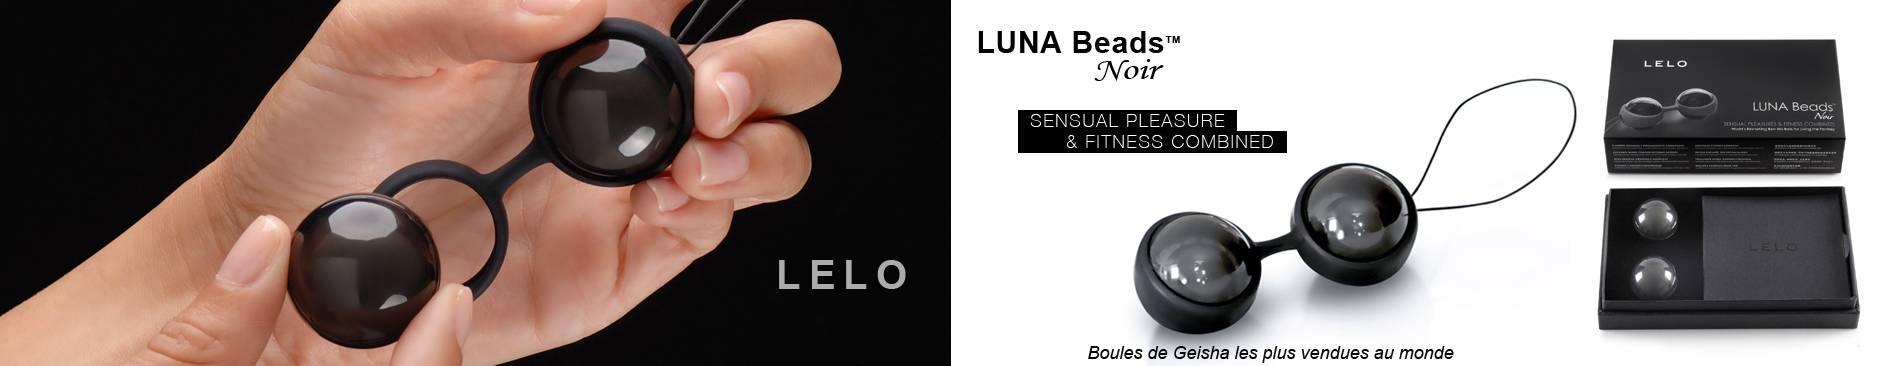 Boules de Geisha - Luna Beads LELO